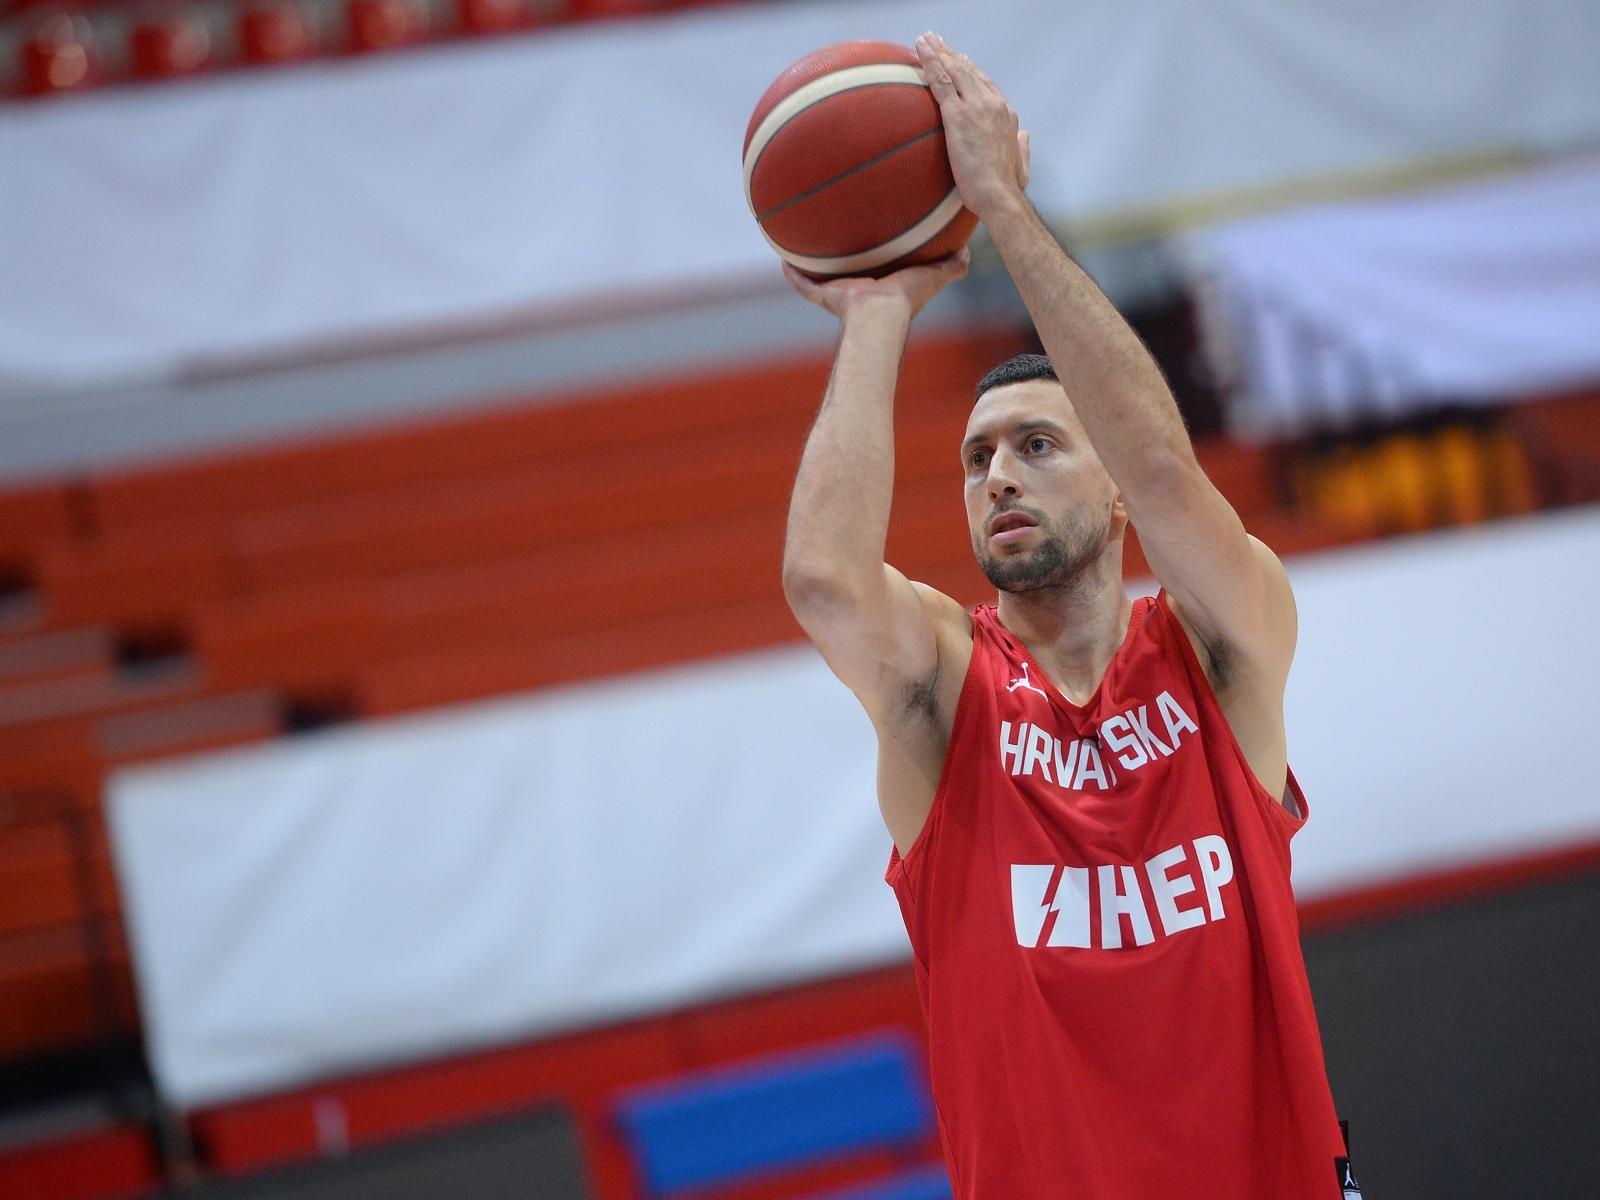 Hrvatski košarkaši blizu EP, u Nizozemskoj upisali drugu pobjedu